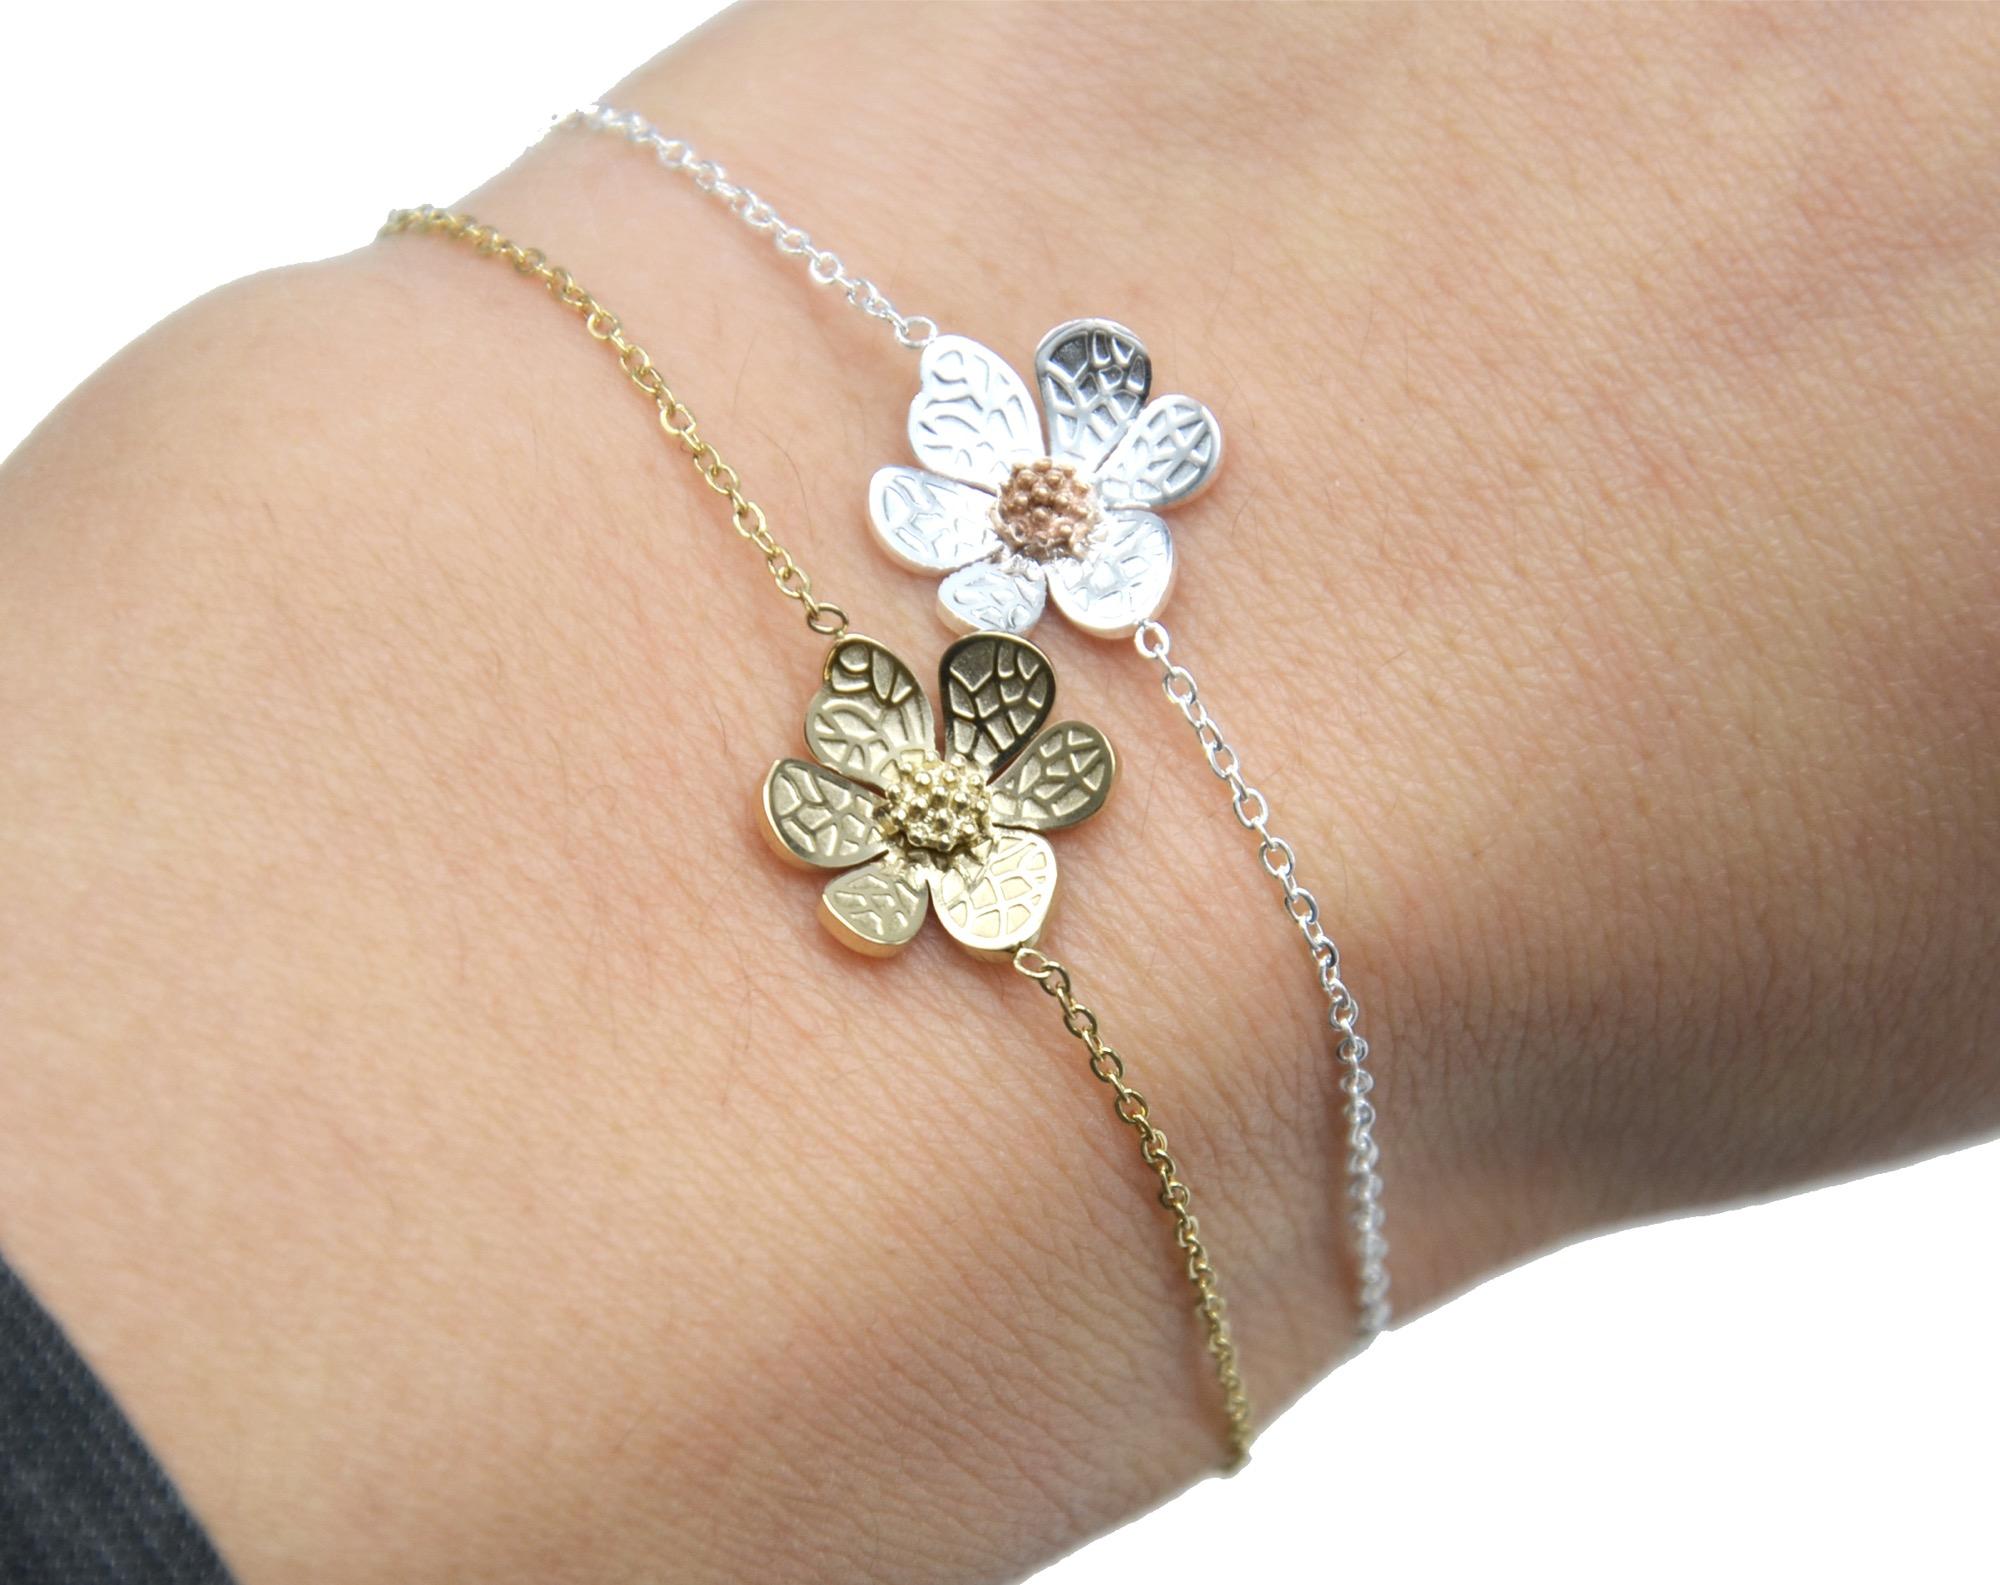 Bc2796f Bracelet Fine Chaine Avec Charm Fleur Petales Motif Relief